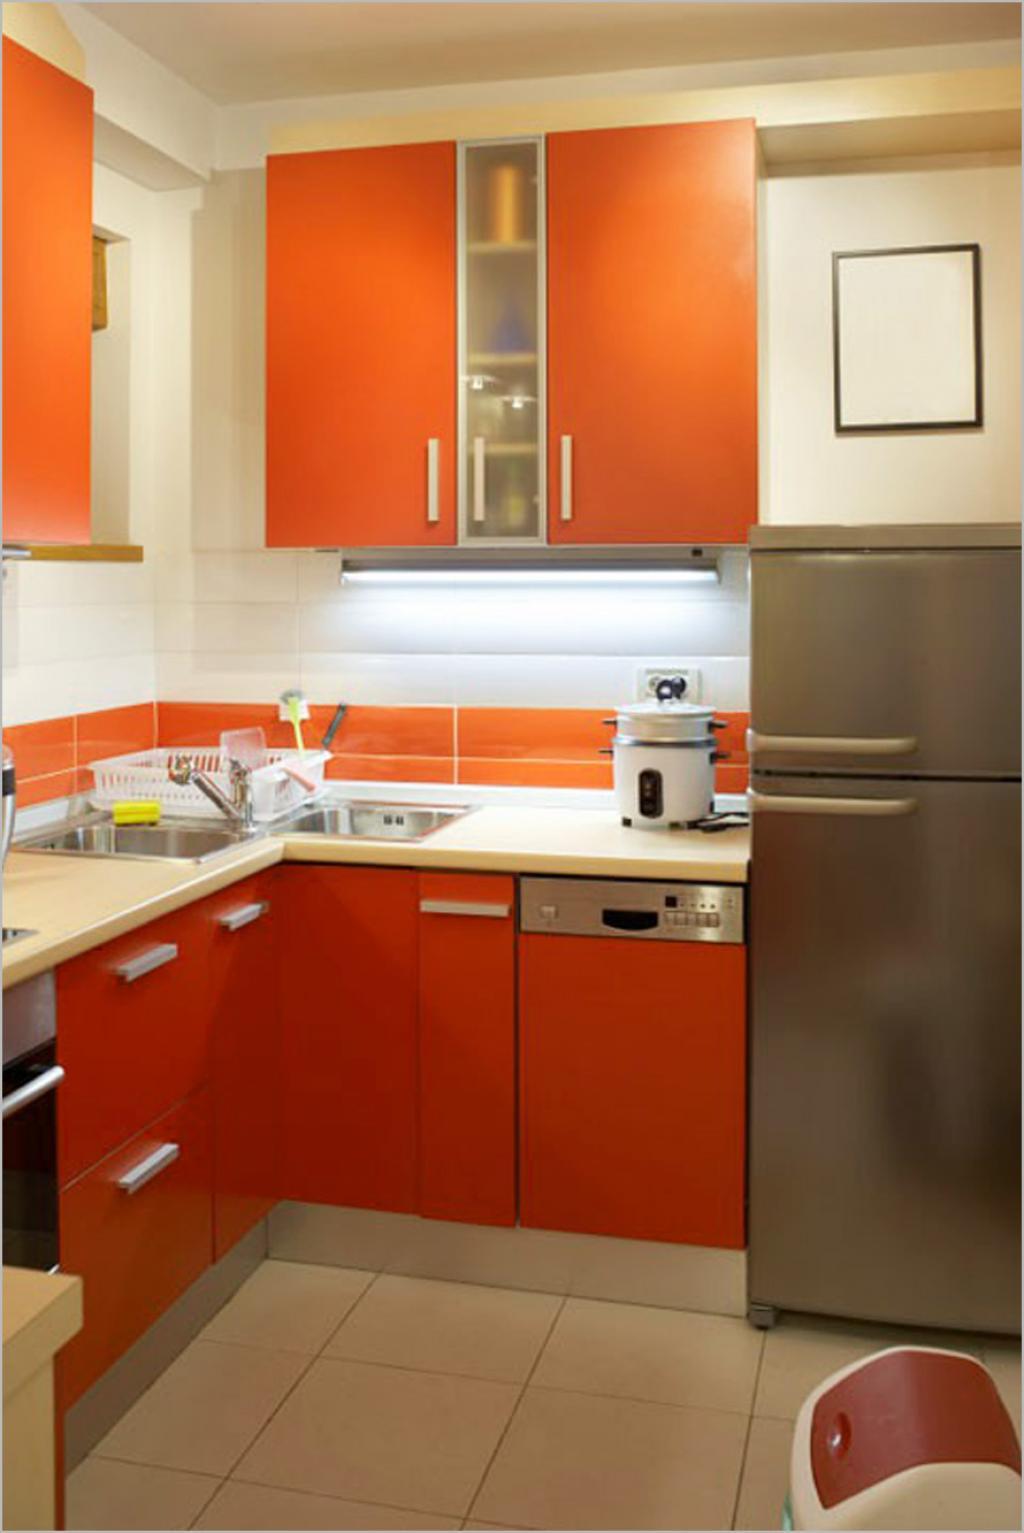 ... design small kitchen – Small Kitchen Design Ideas Design Ideas